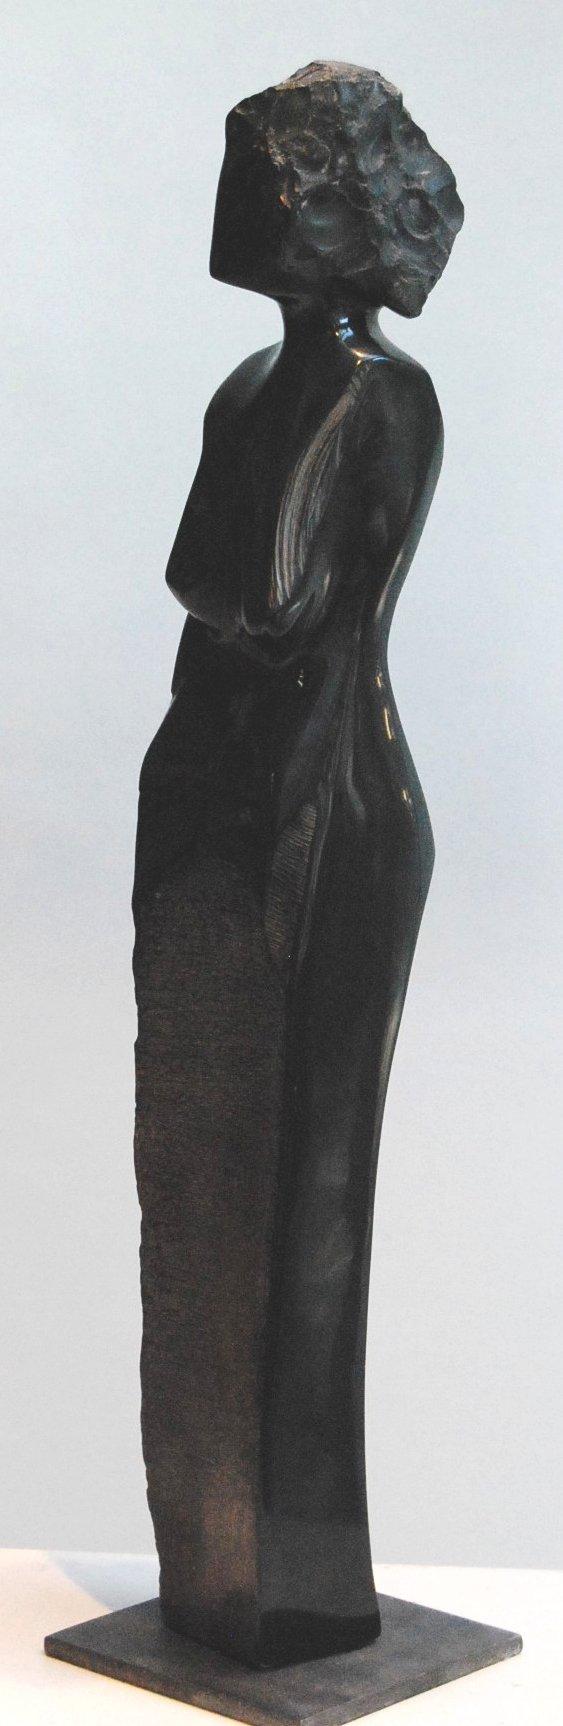 Alba Marbre noir